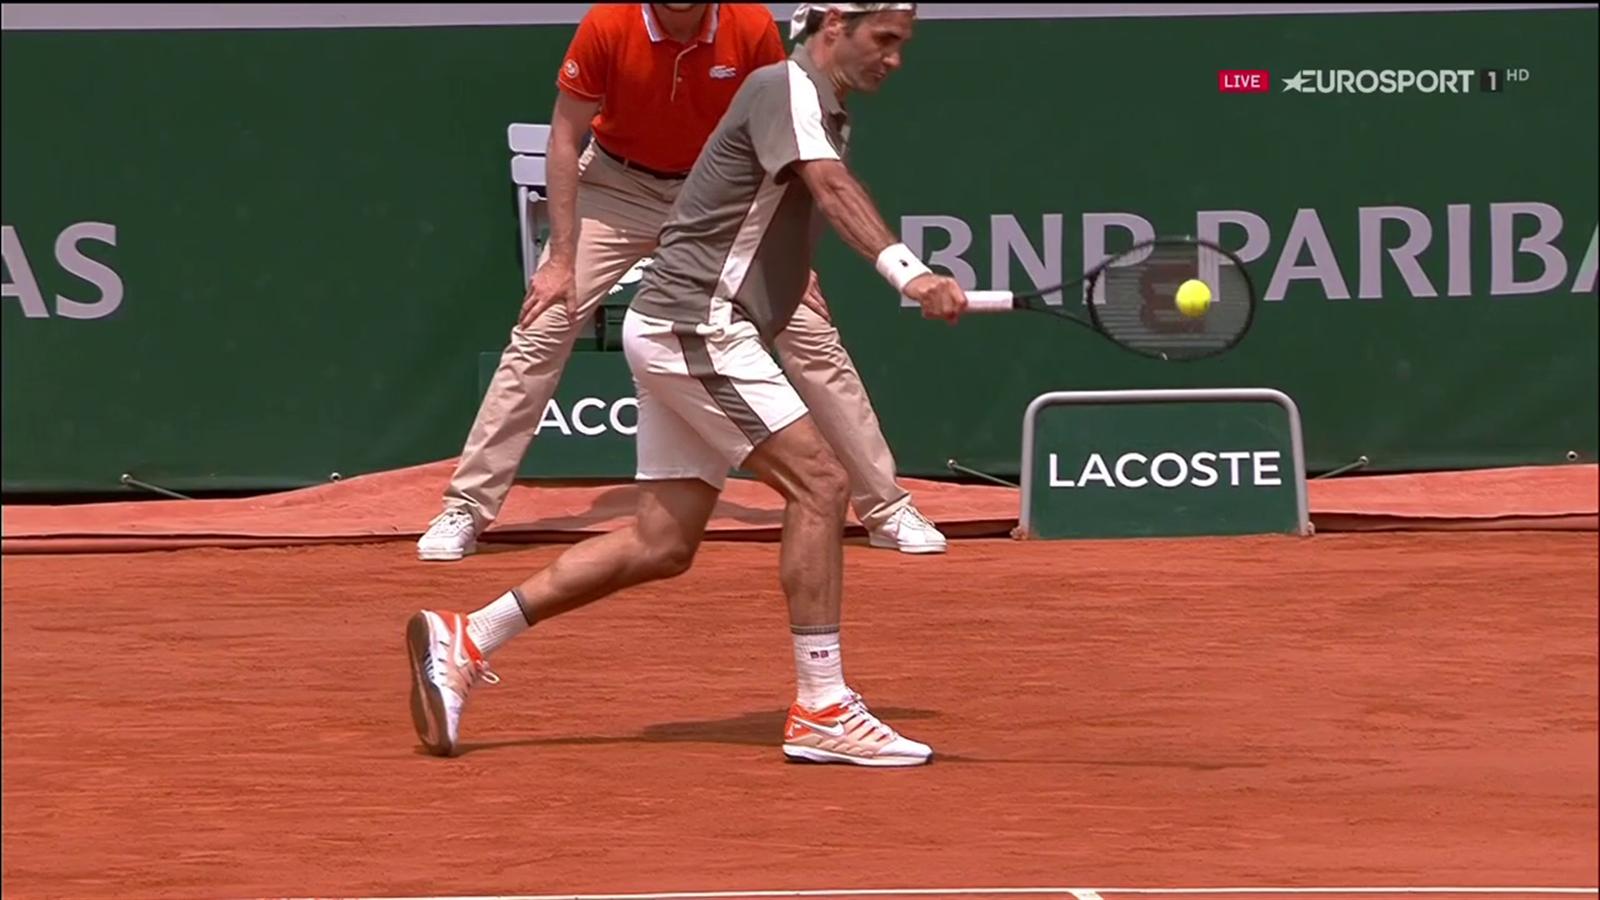 VIDEO - Rovescio straordinario di Federer sull'accelerazione di ...